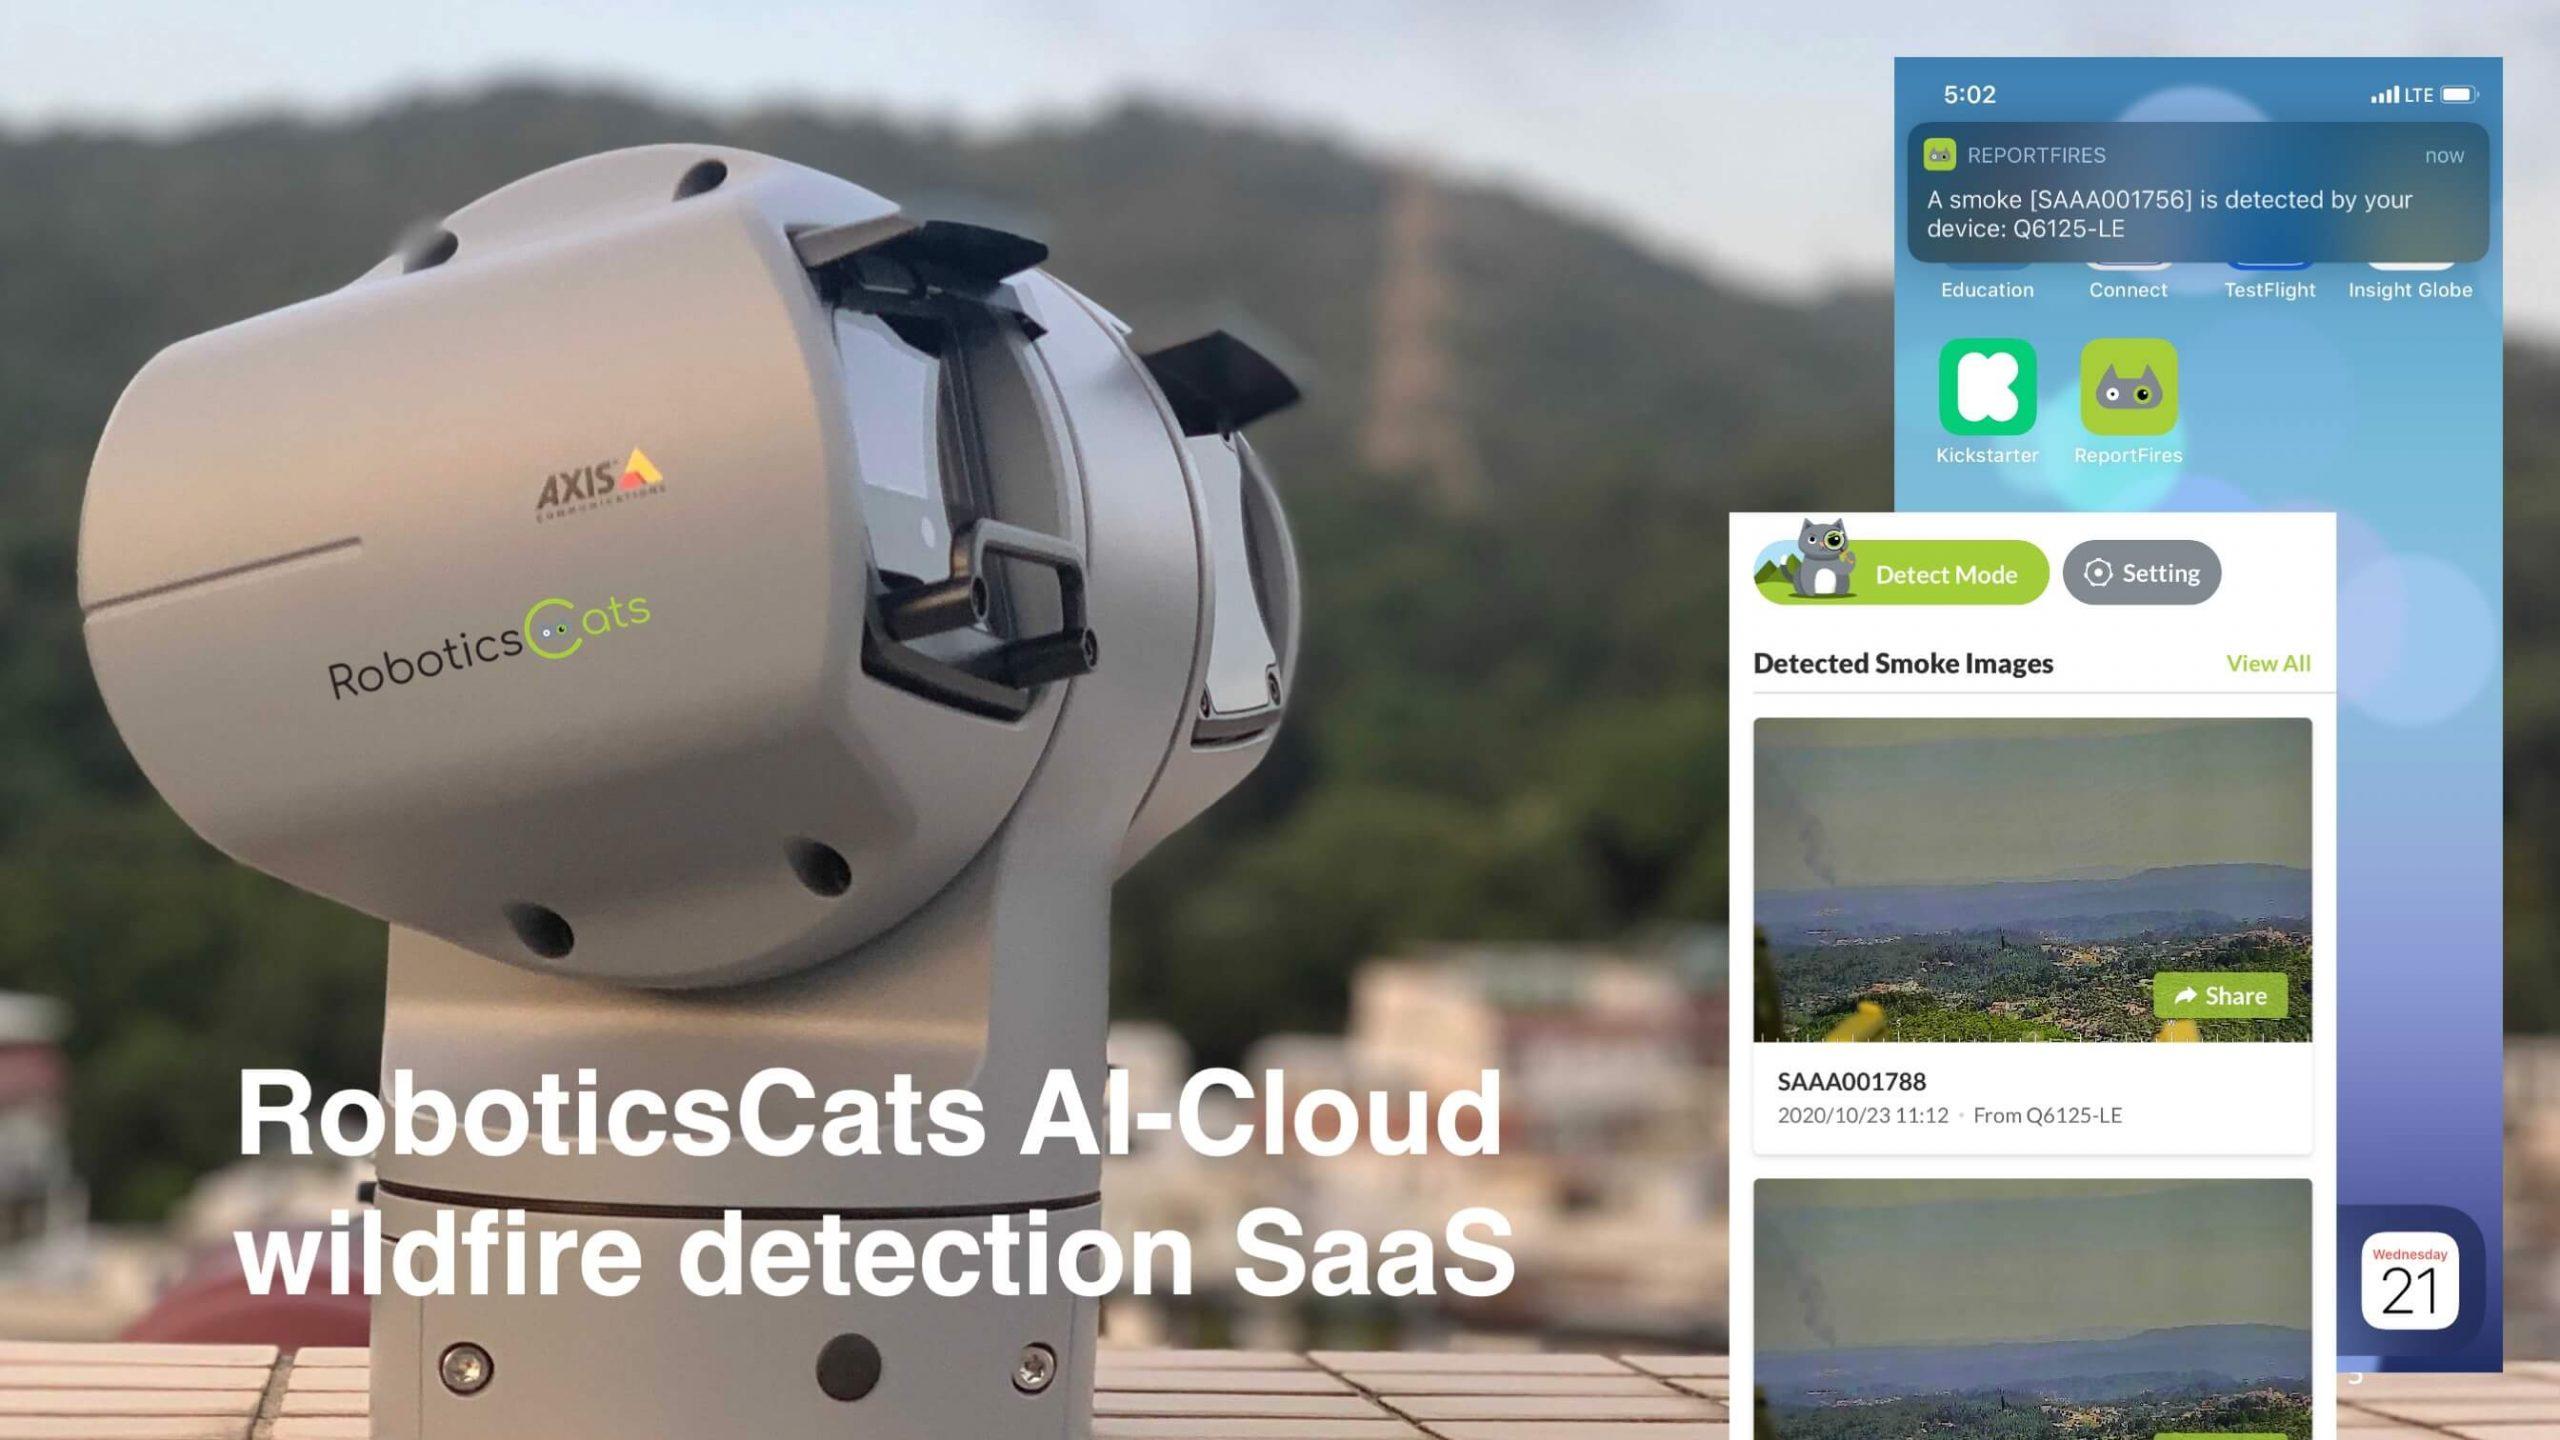 AI Cloud SaaS